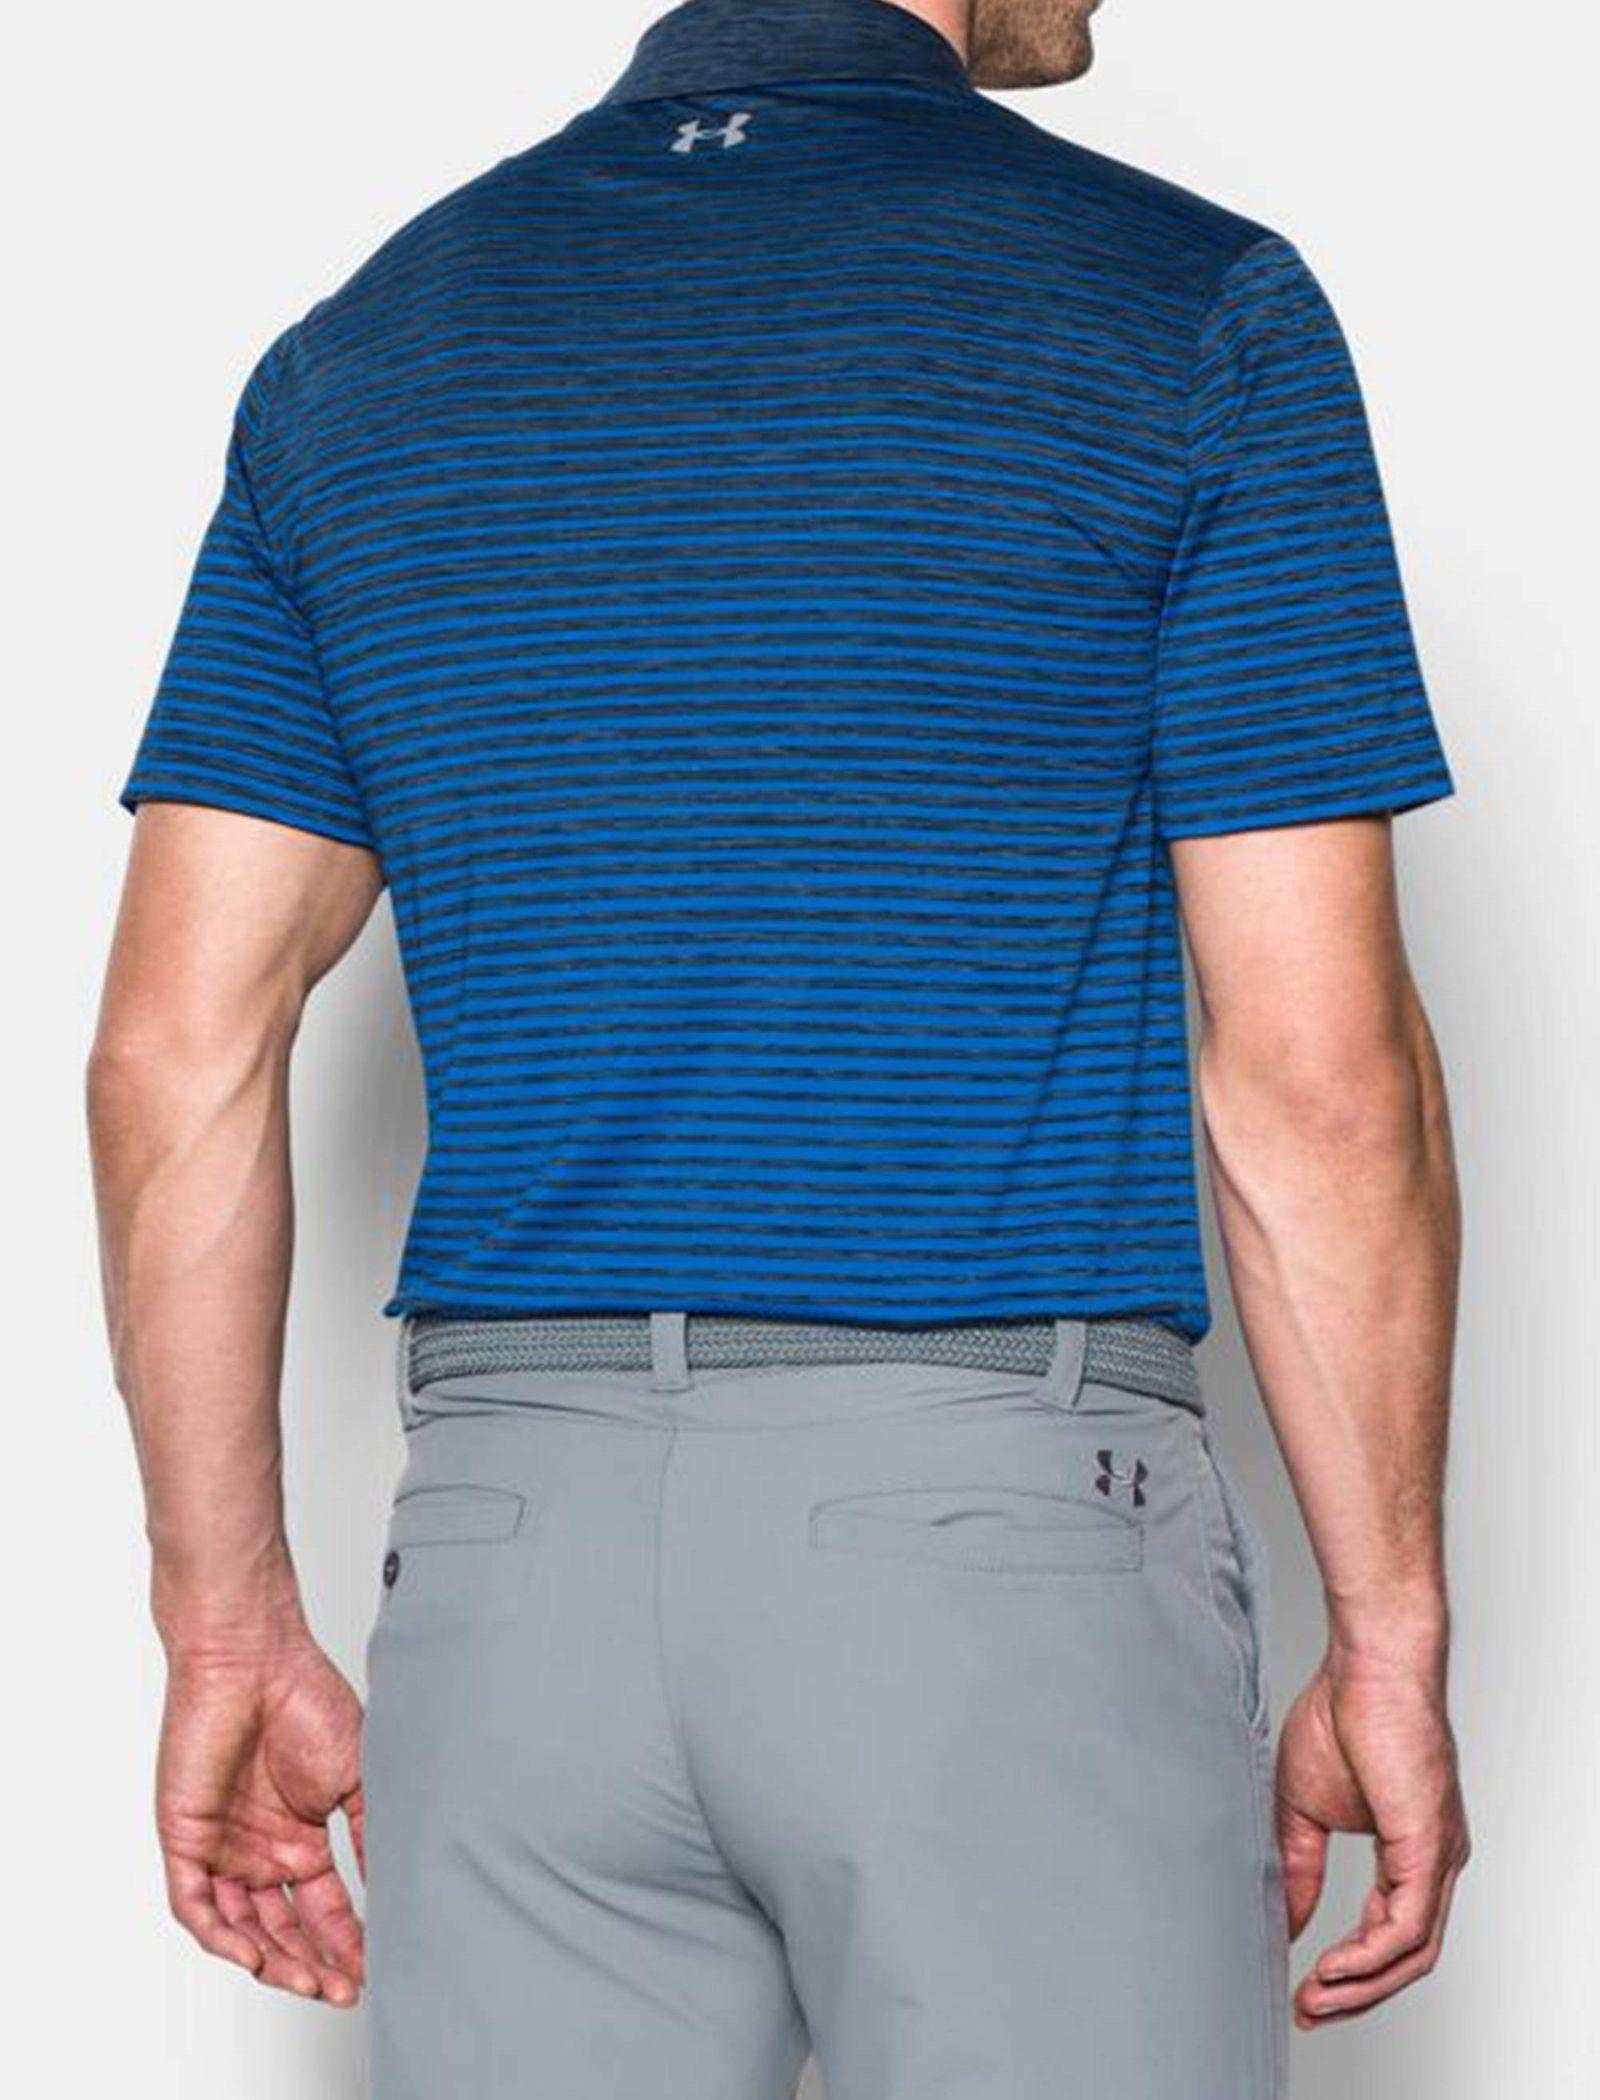 پولوشرت ورزشی آستین کوتاه مردانه - آندر آرمور - آبي - 4